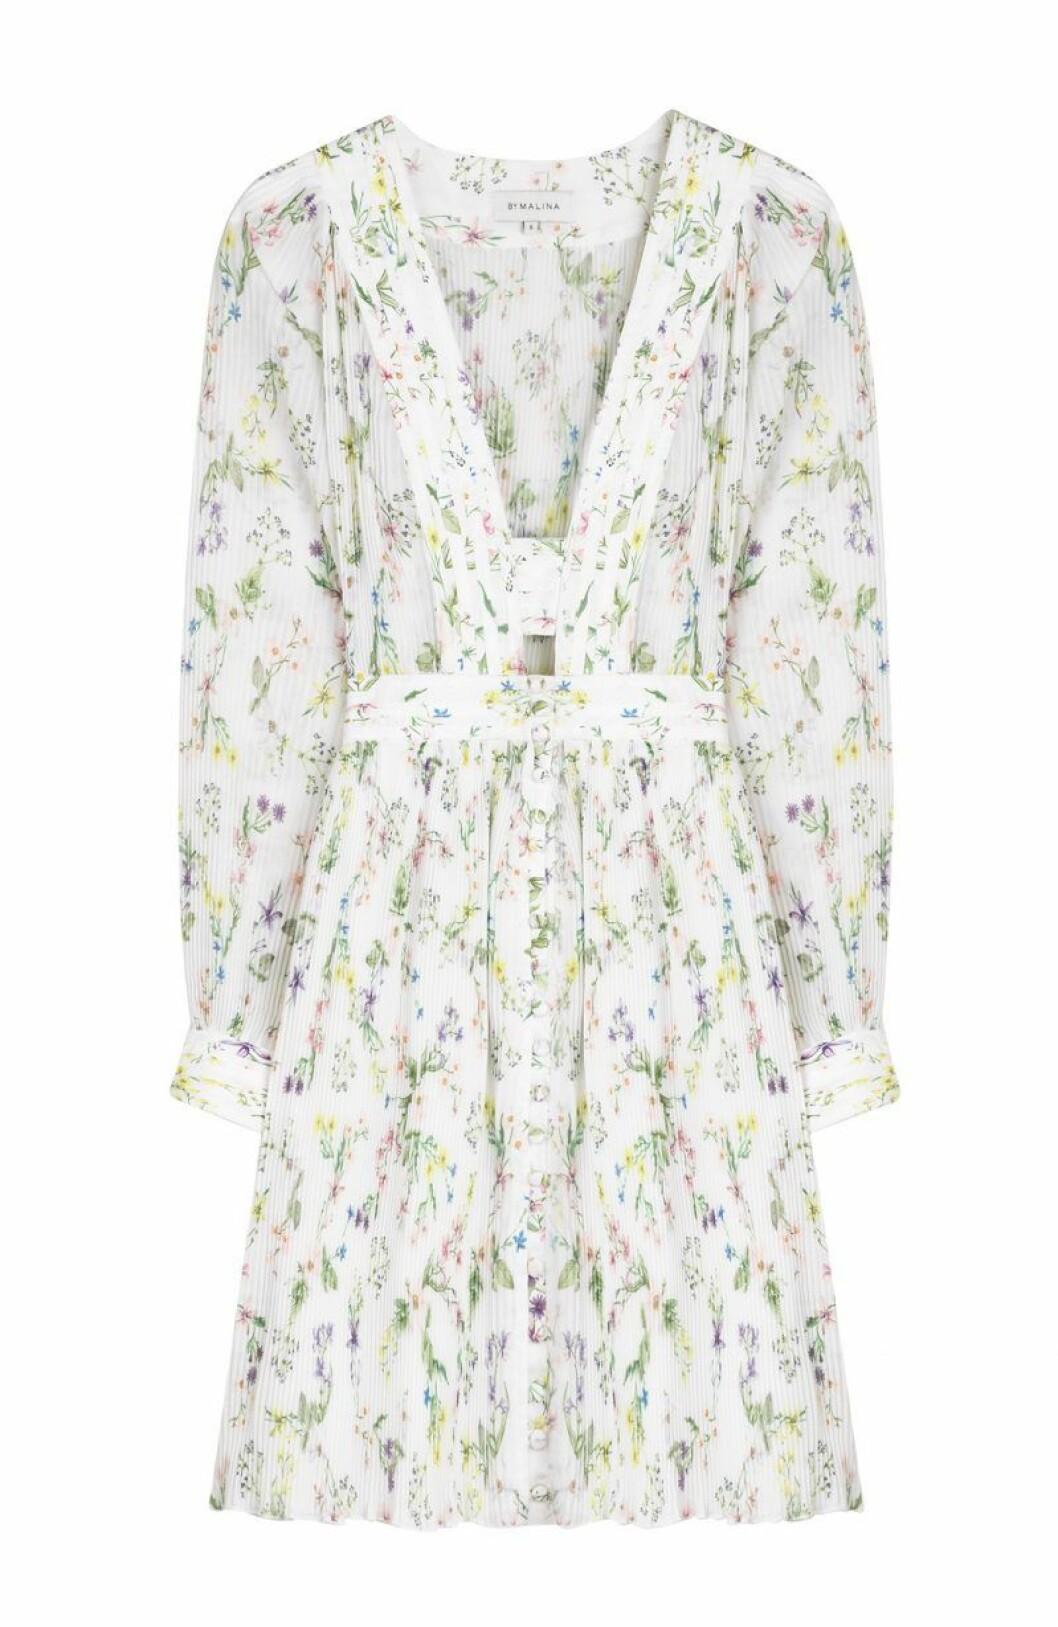 Vit blommig klänning med lång ärm från By Malina